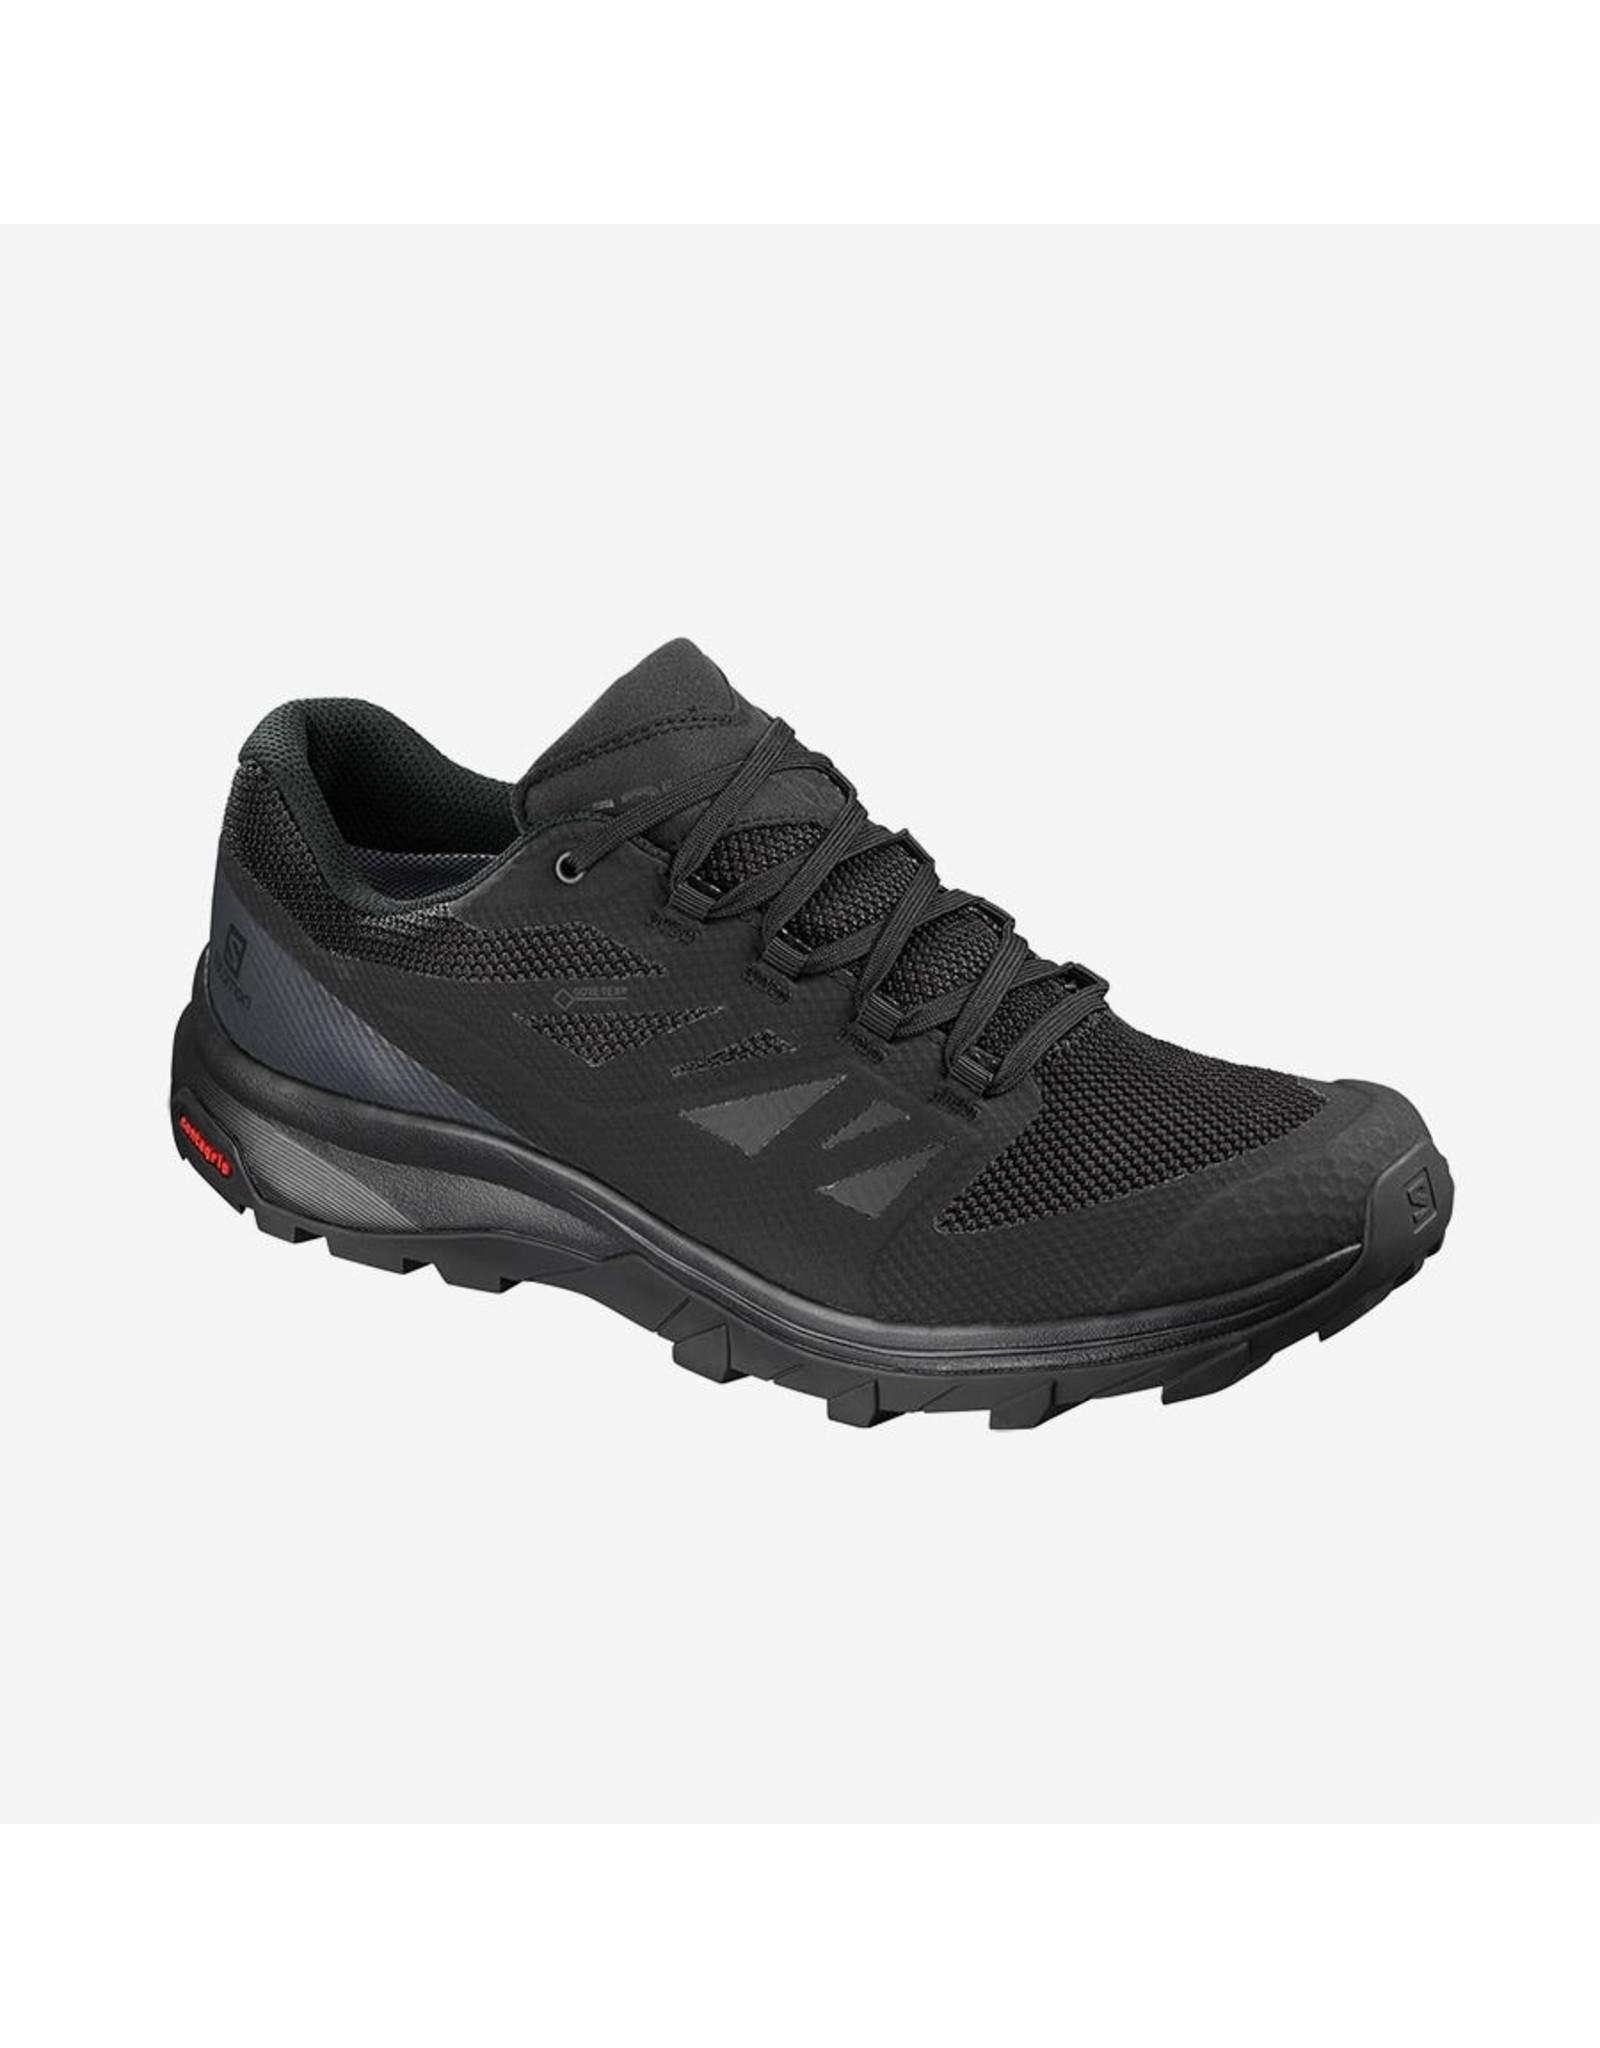 Salomon Salomon OUTline Gore-Tex Men's Hiking Shoes